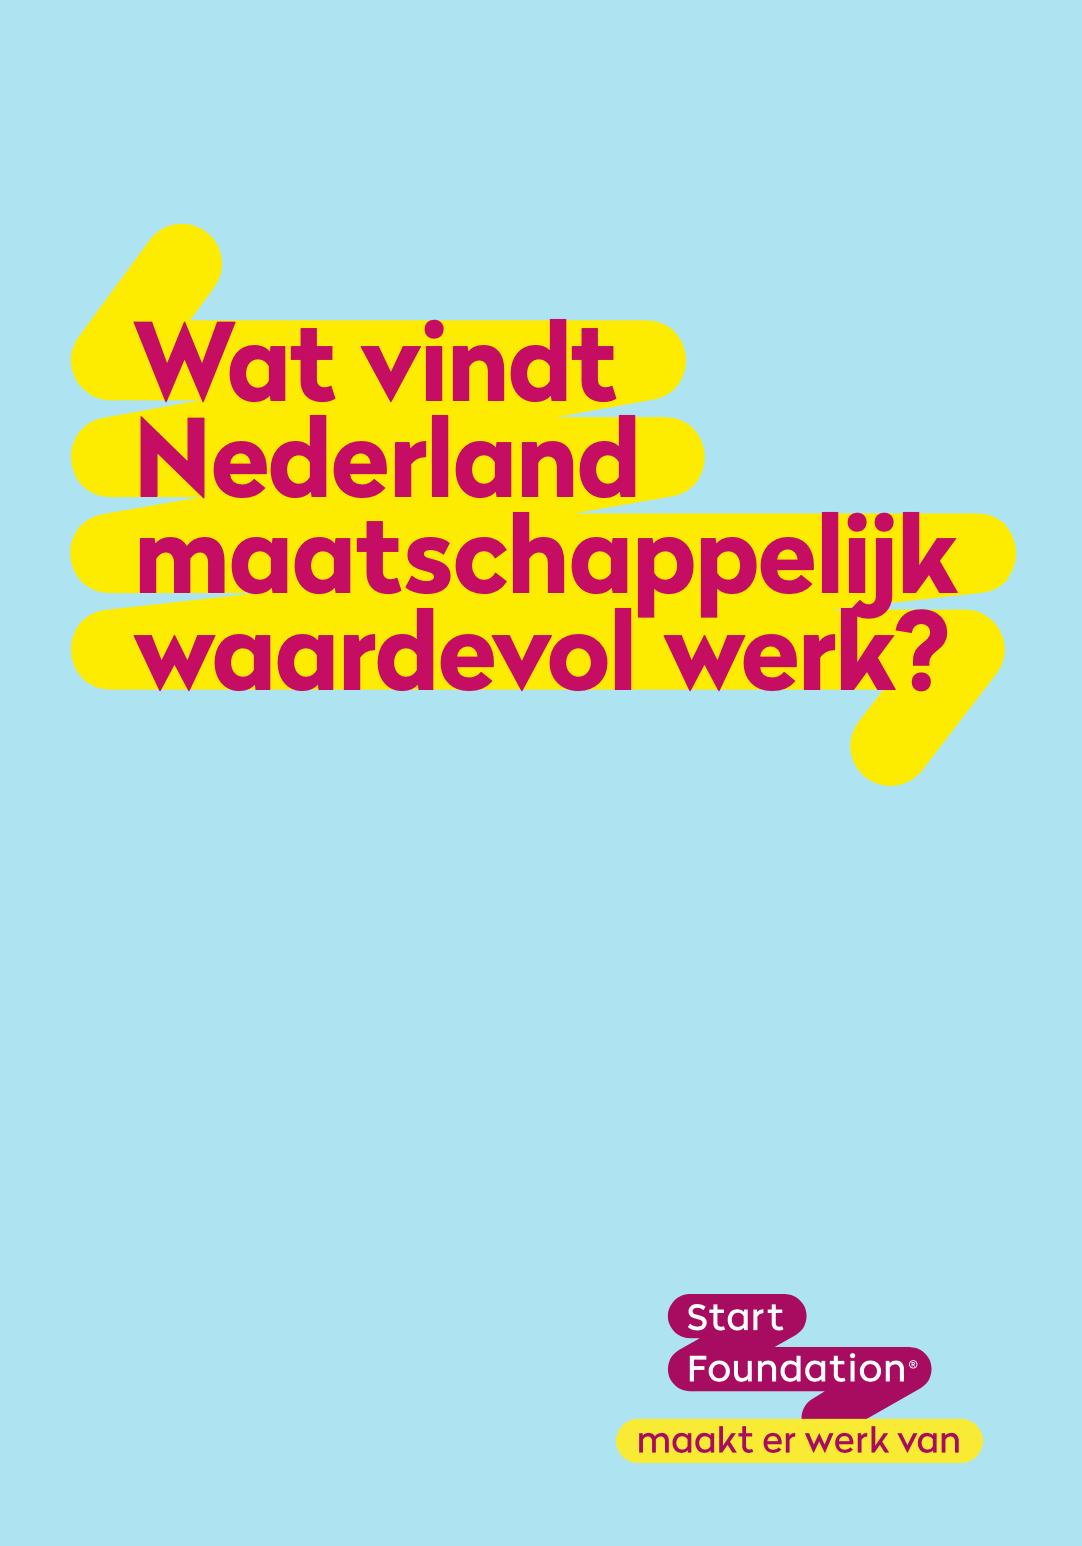 Wat vindt Nederland maatschappelijk waardevol werk - eindrapport - Start Foundation